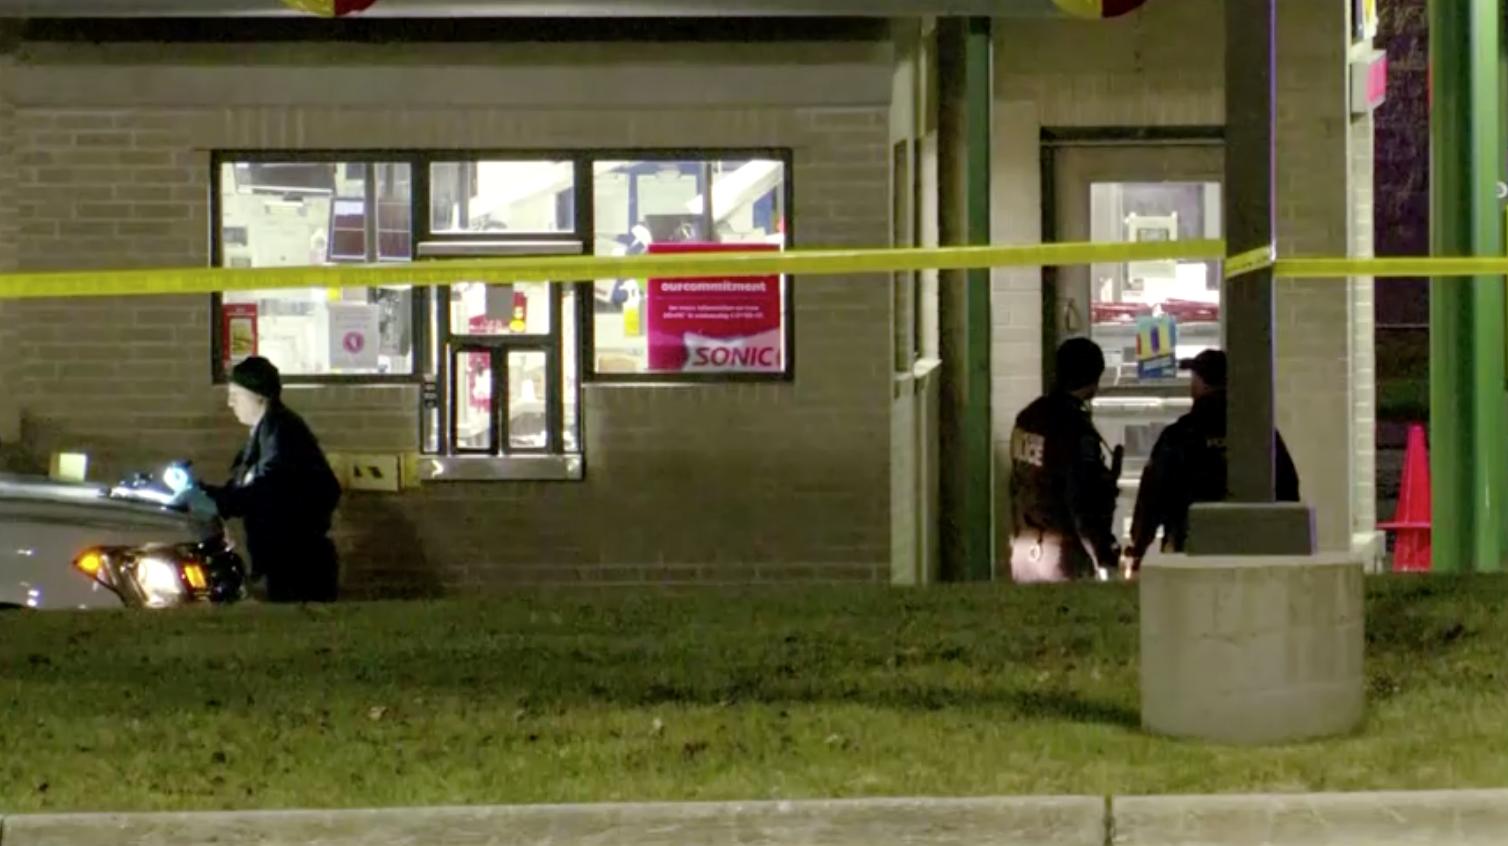 2 người tử vong, 2 người bị thương trong vụ xả súng tại khu vực drive-in trước cửa tiệm Sonic ở Nebraska